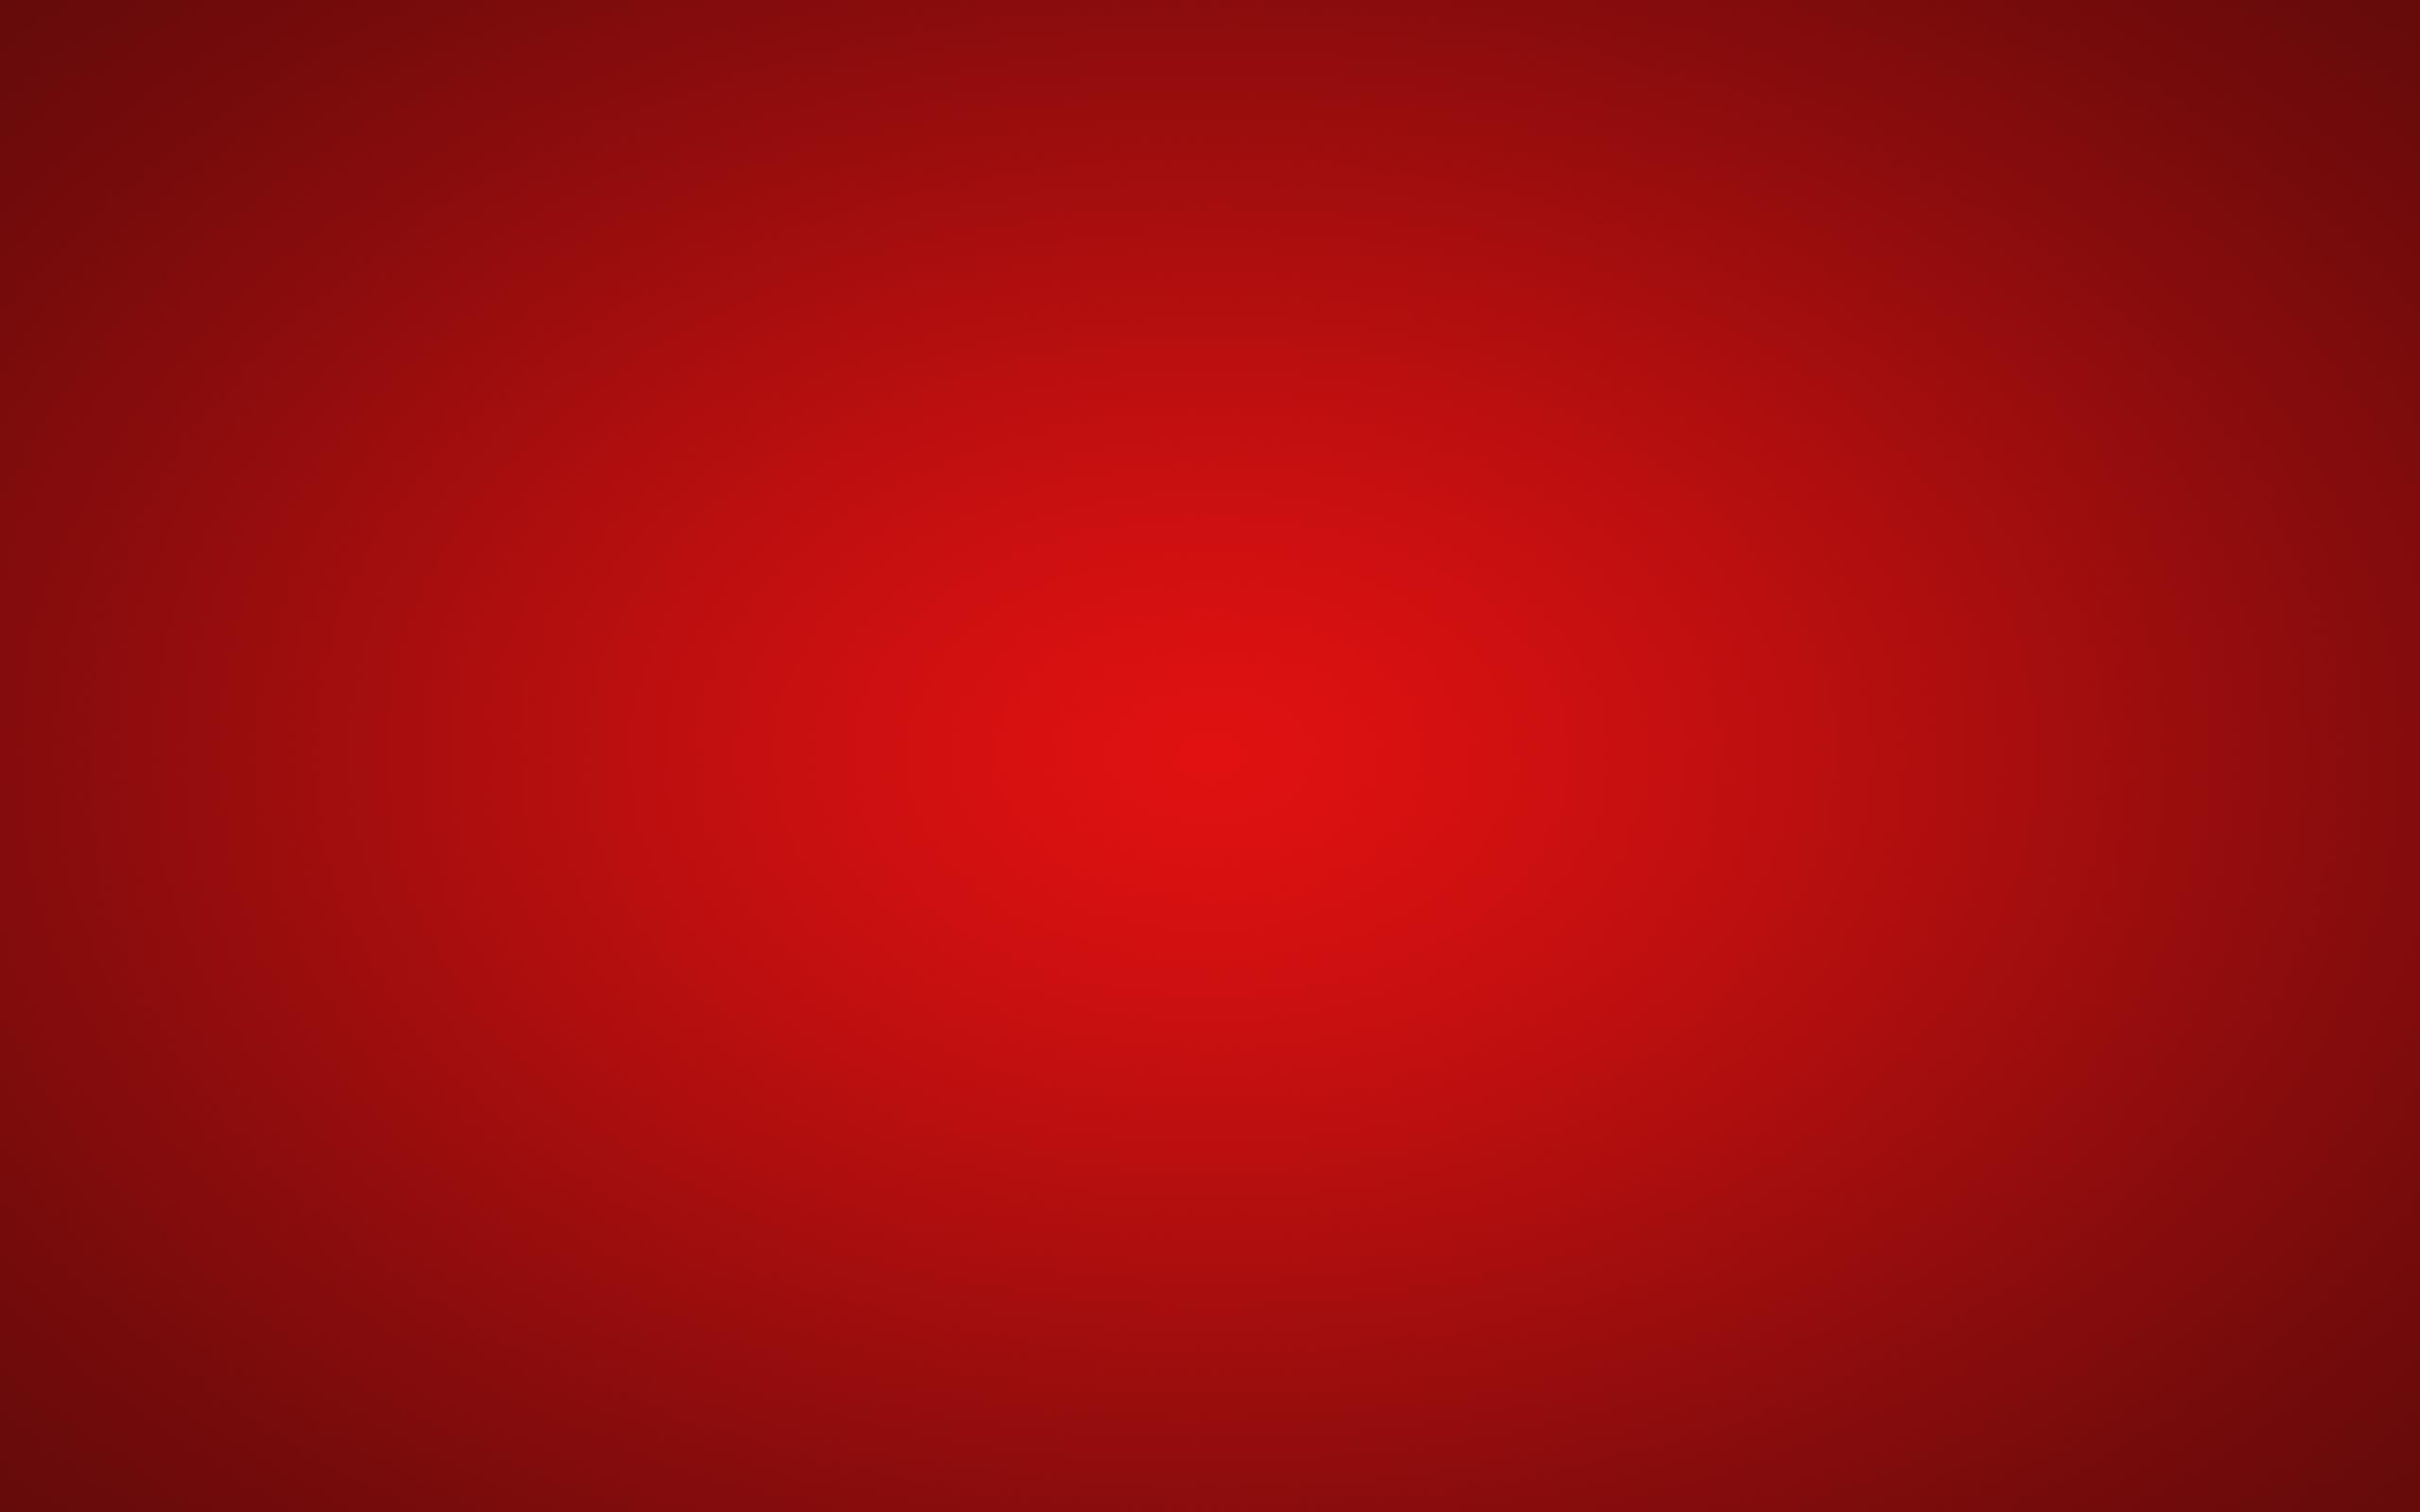 Hình nền màu đỏ thẫm đẹp nhất